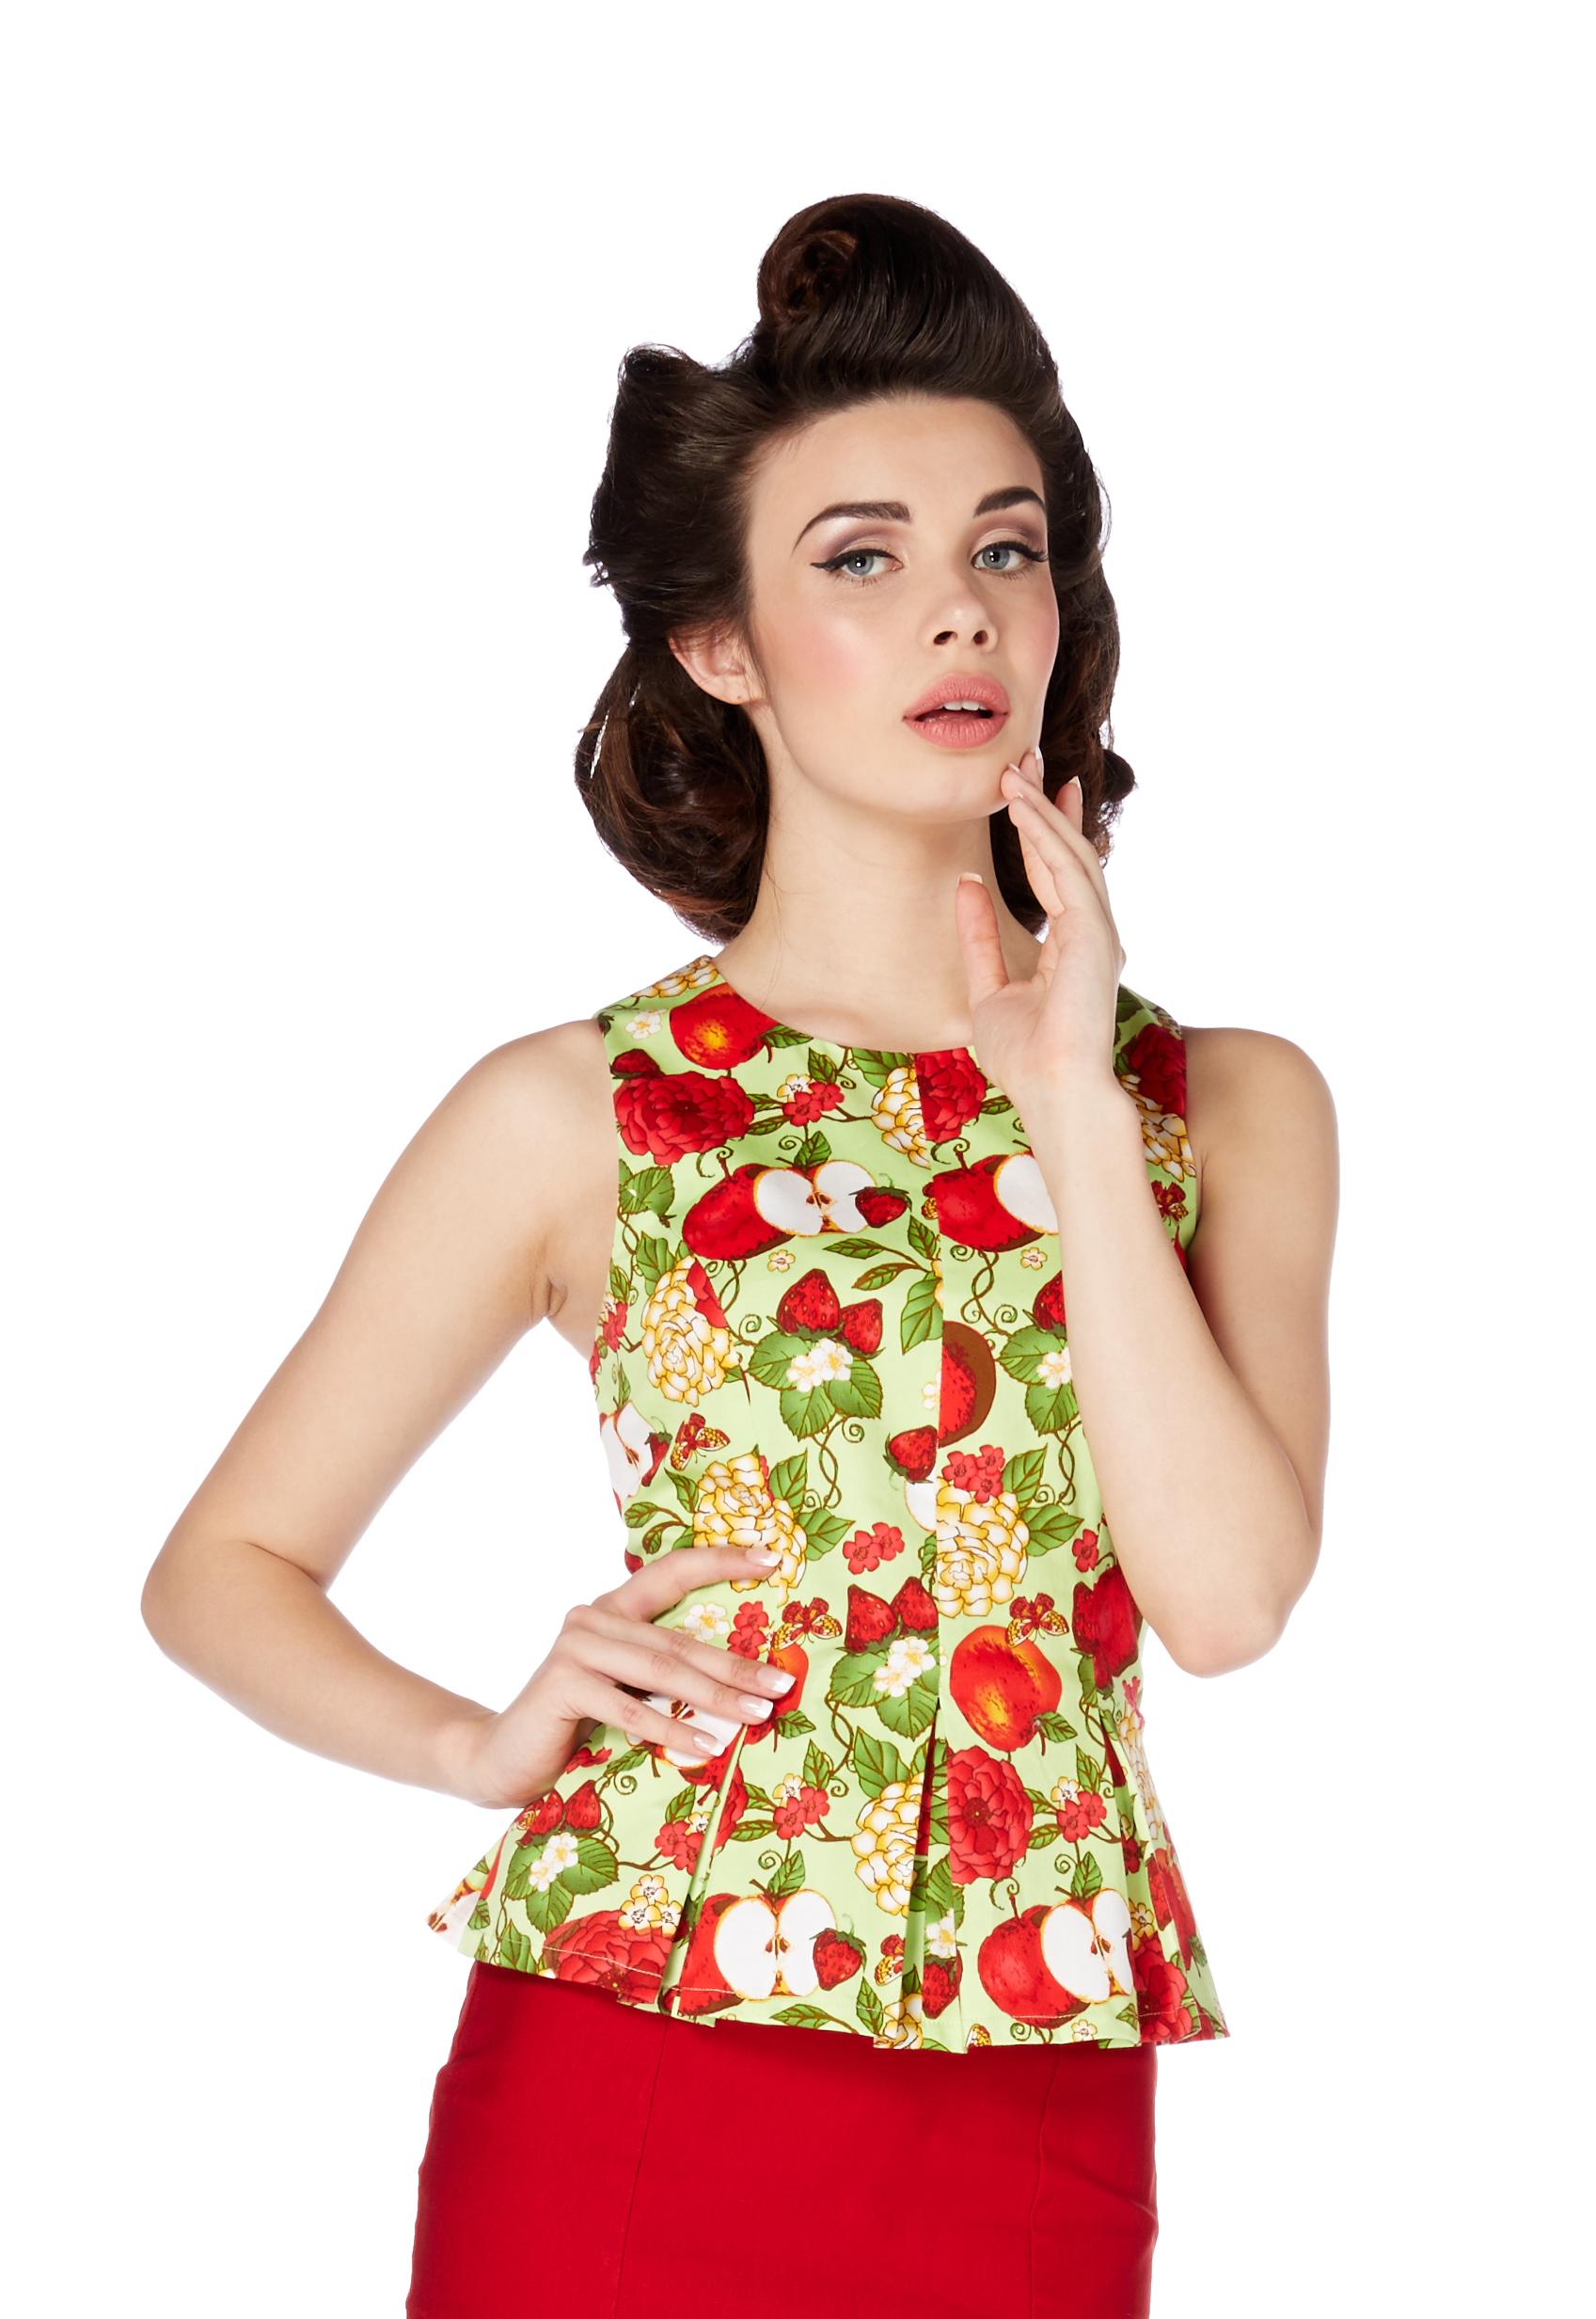 voodoo_vixen_womens_tutti_frutti_summer_garden_rockabilly_peplum_top_standard_tops_2.jpg